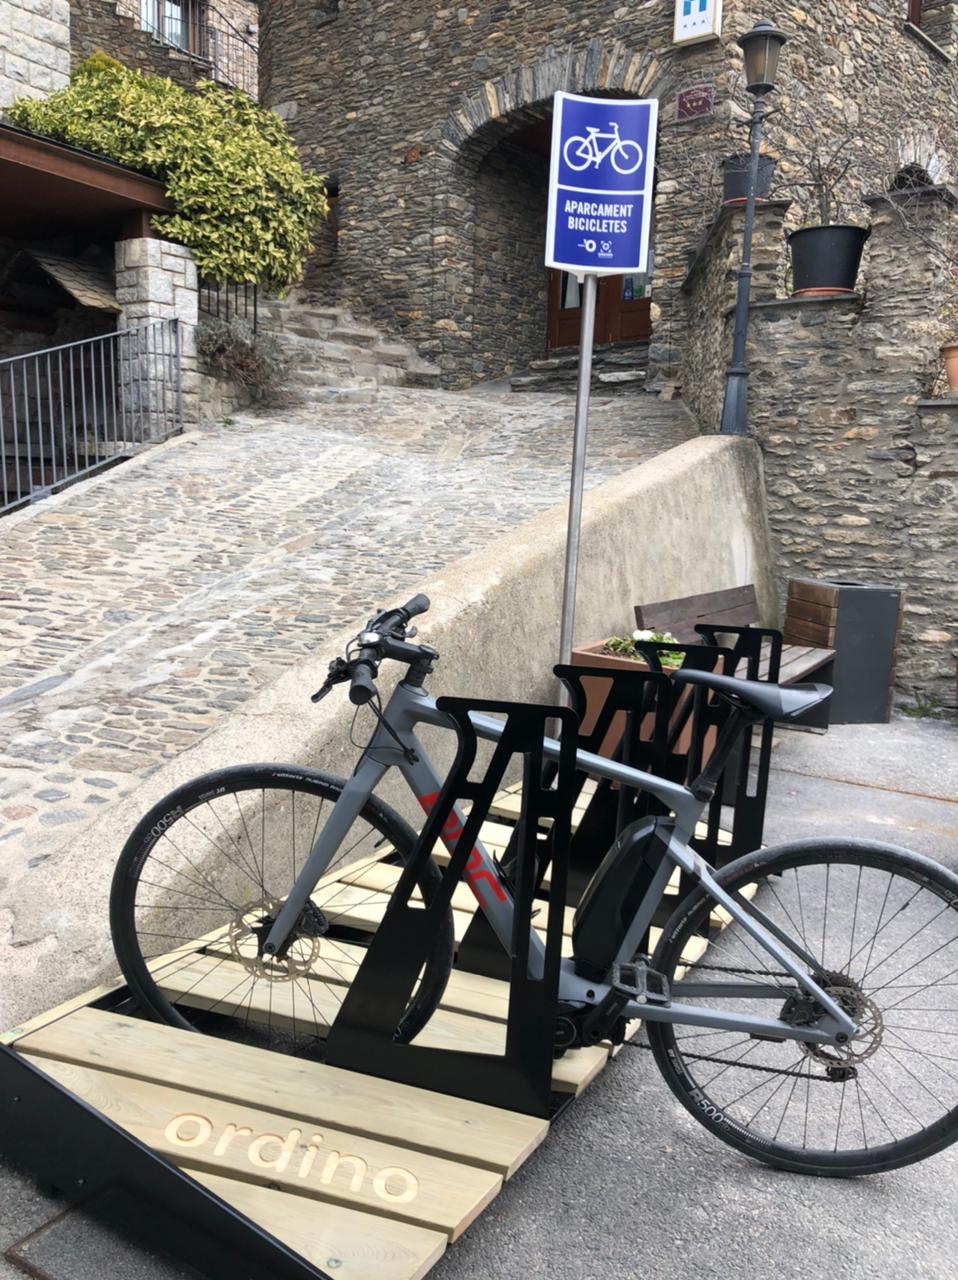 Ordino (Andorra) – Estacionamiento para bicicletas